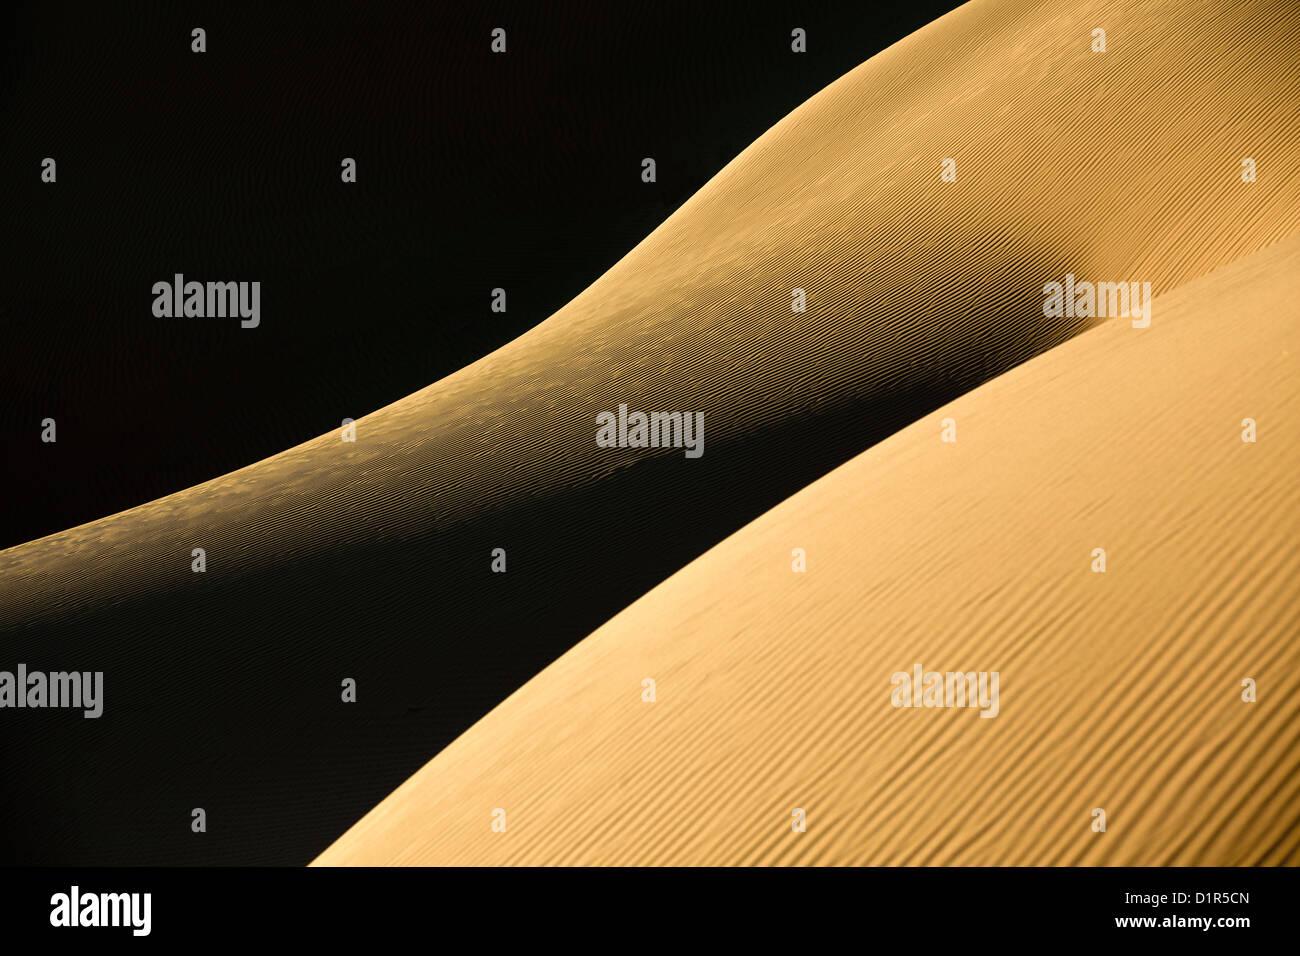 Marruecos, M'Hamid, Erg Chigaga dunas de arena. El desierto del Sahara. Detalle de las marcas de rizo. Imagen De Stock